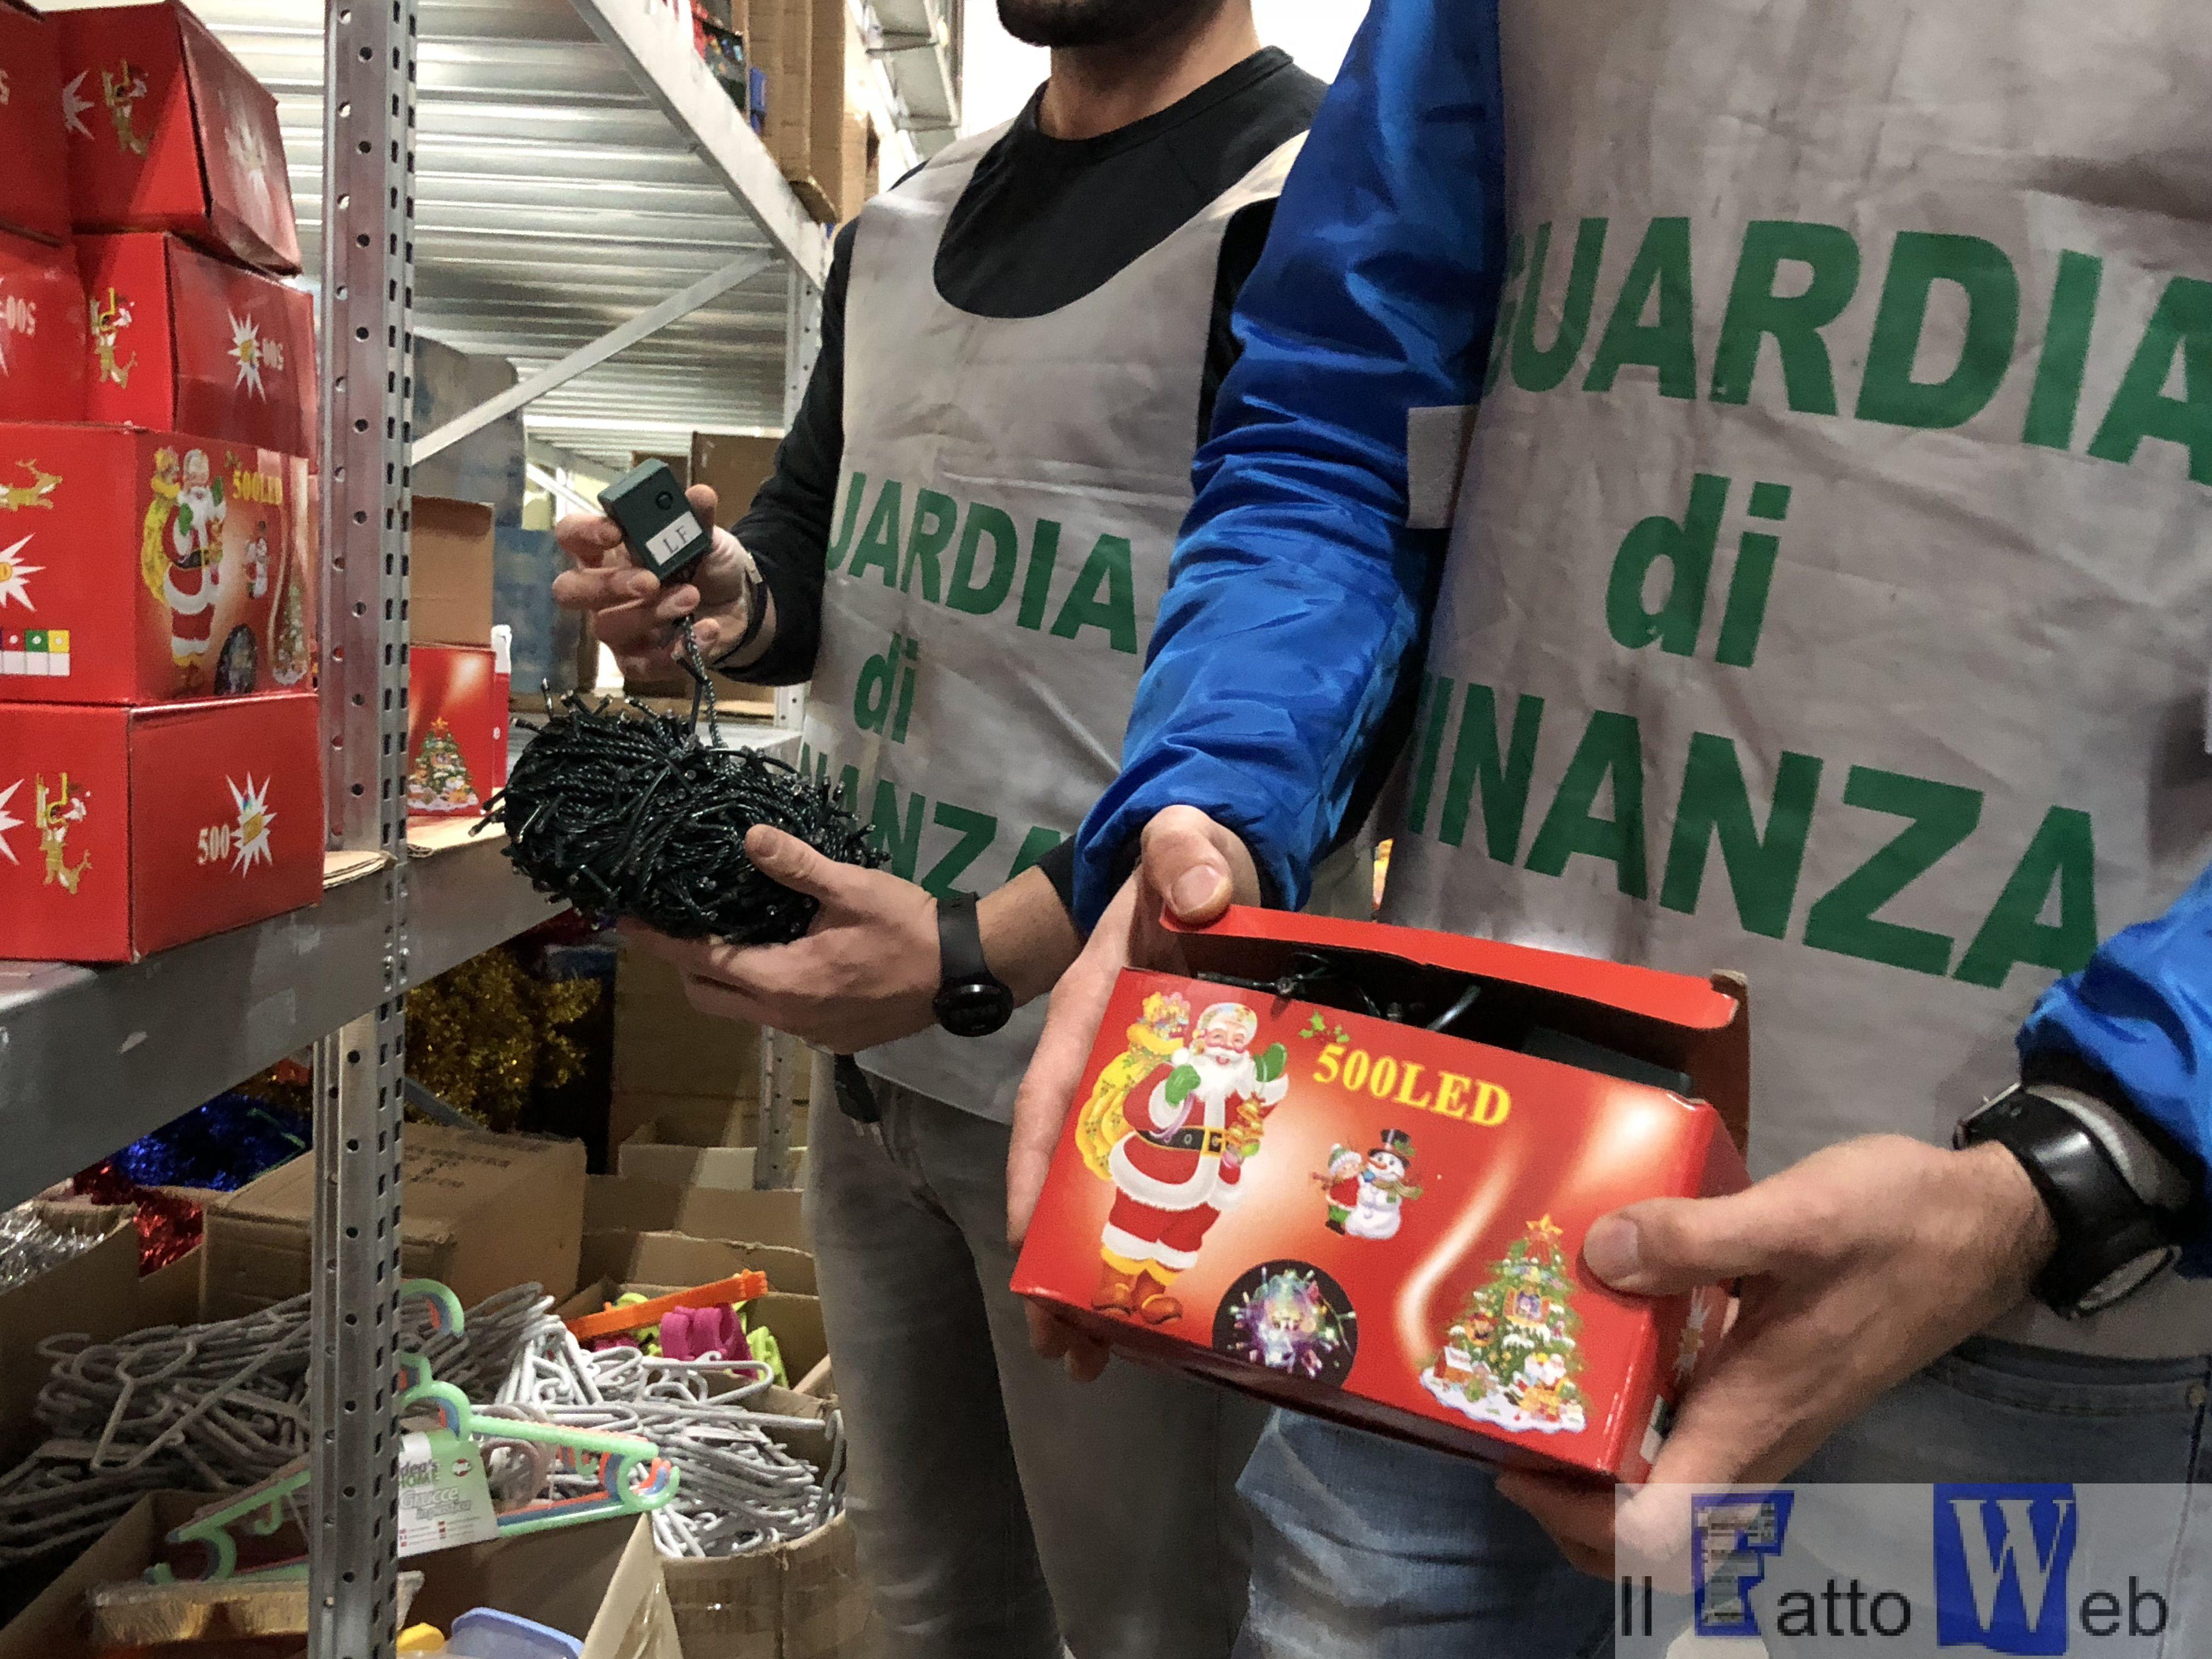 A Catania la Guardia di Finanza sequestra un milione e mezzo di prodotti elettrici illegali